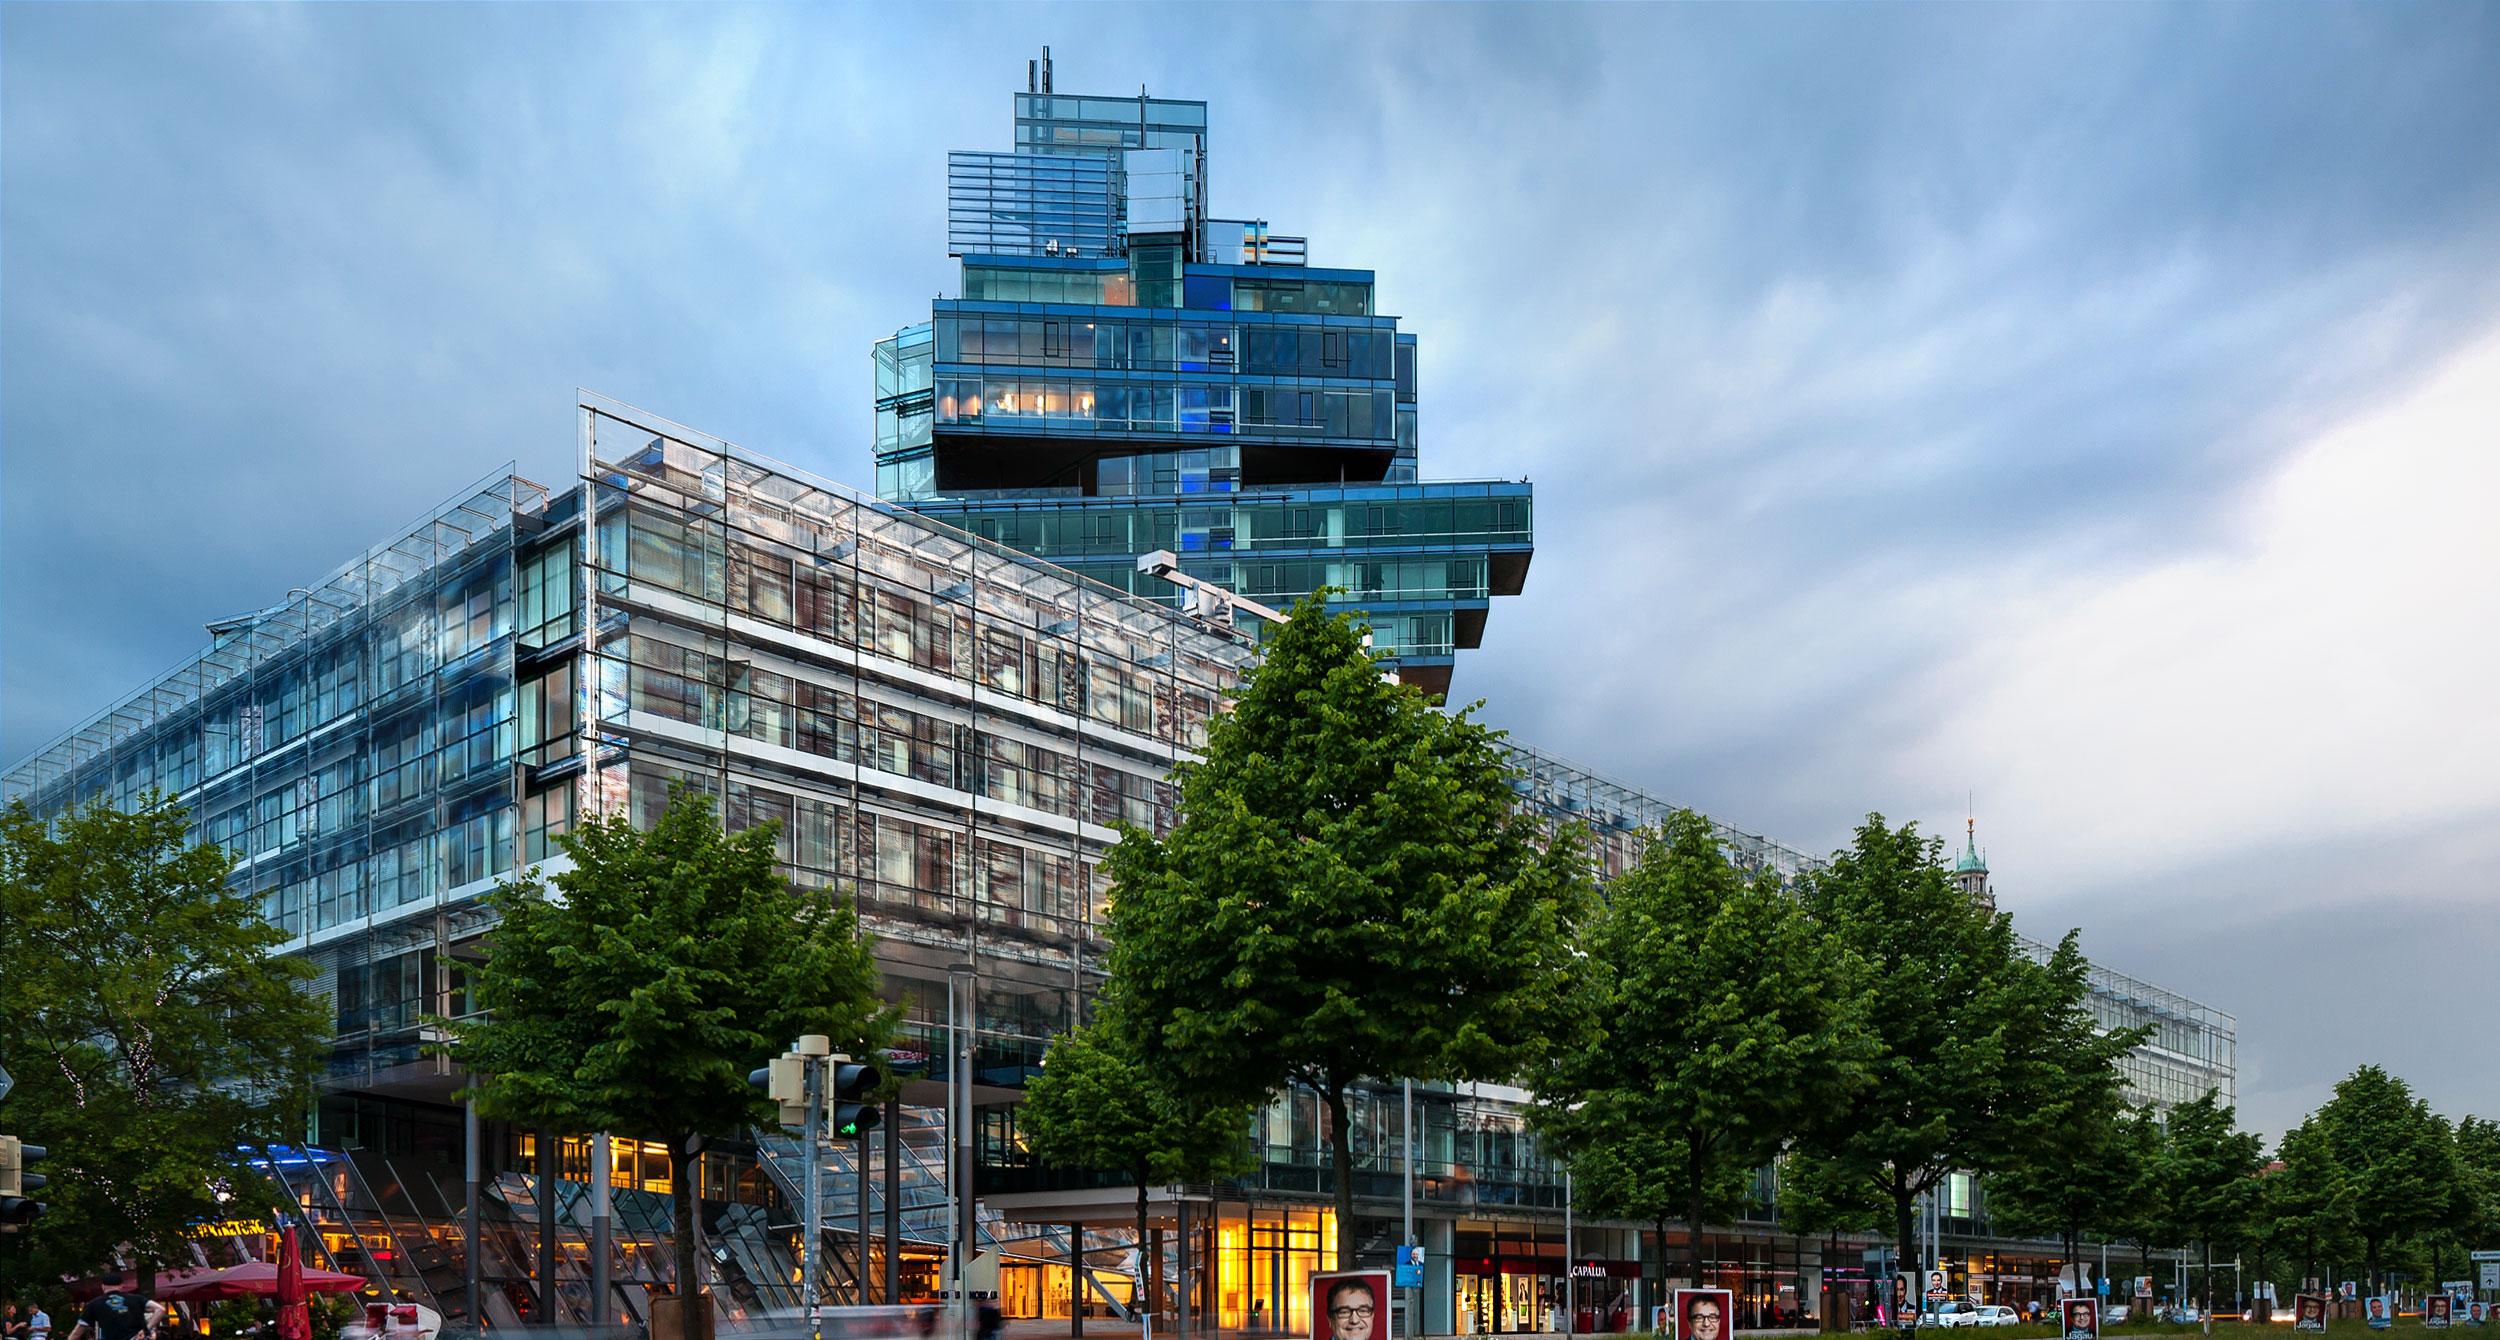 Bild des Nord/LB Verwaltungsgebäudes in Hannover